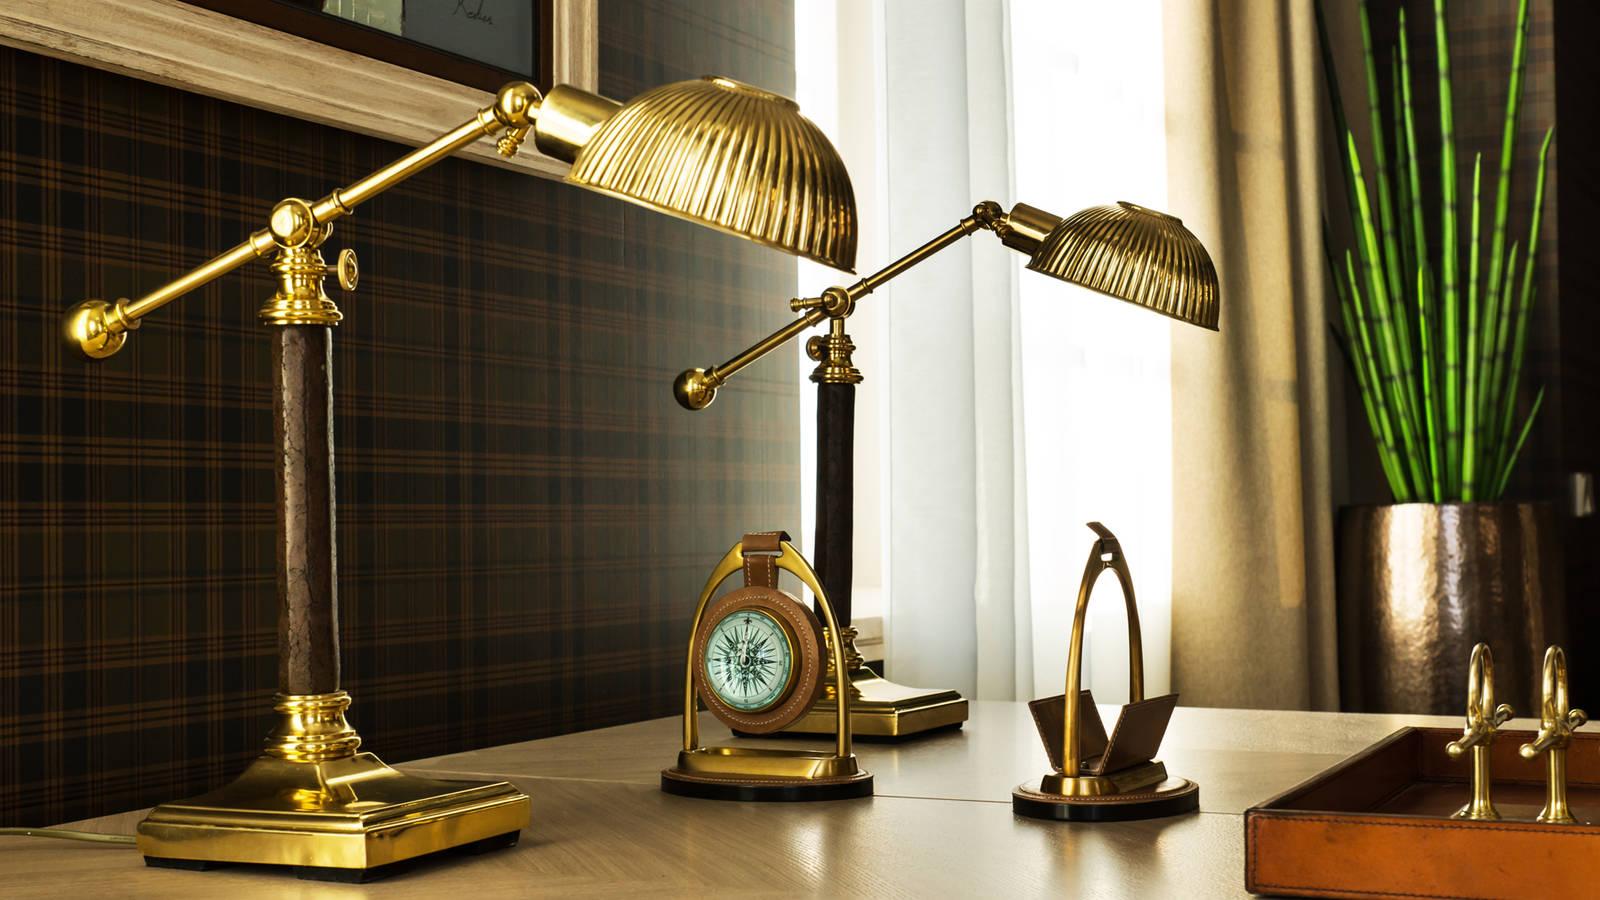 nastolnye-lampy-dlya-rabochego-stola